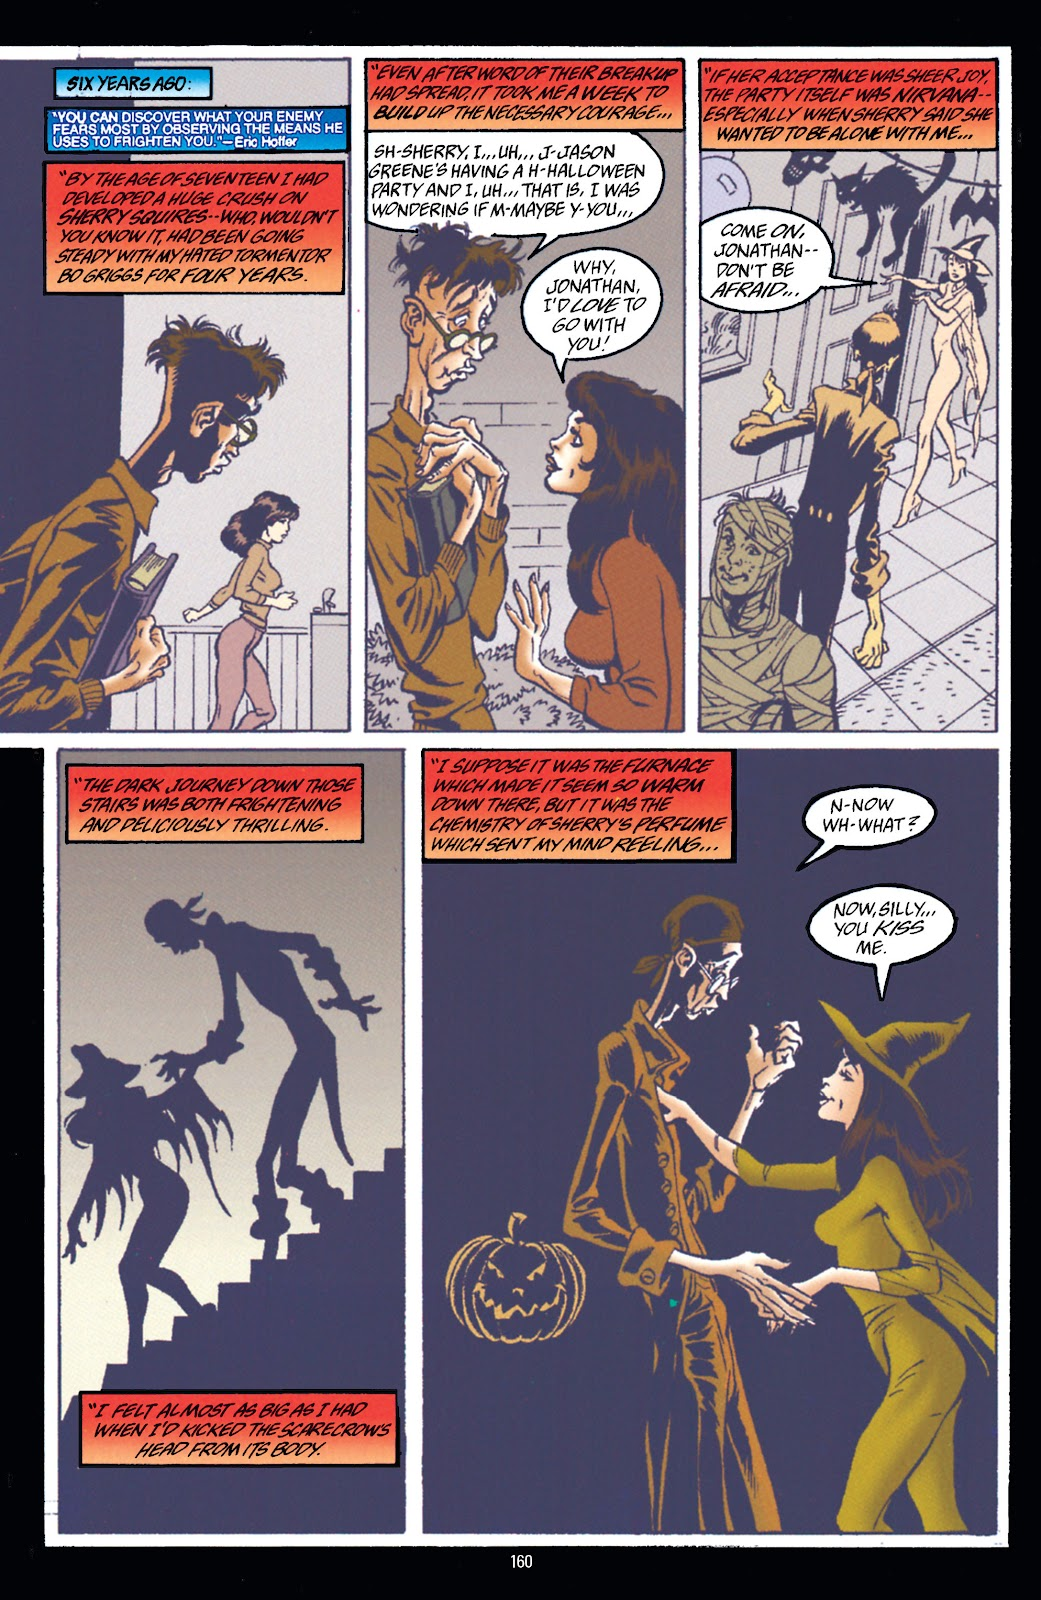 Read online Batman Arkham: Scarecrow comic -  Issue # TPB (Part 2) - 60